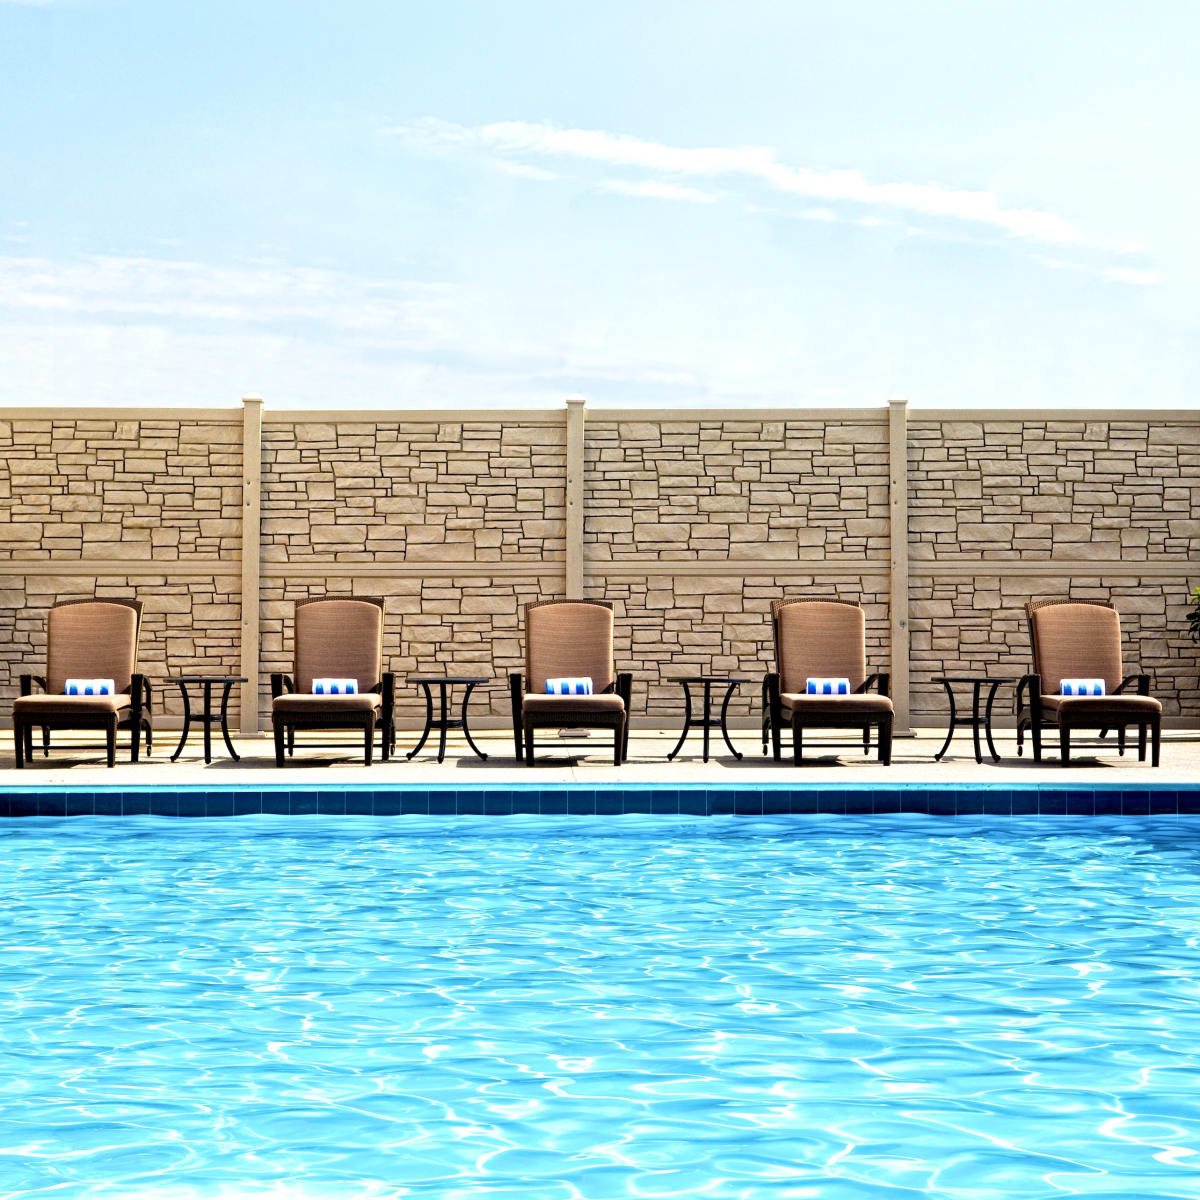 The Westin Galleria Houston pool